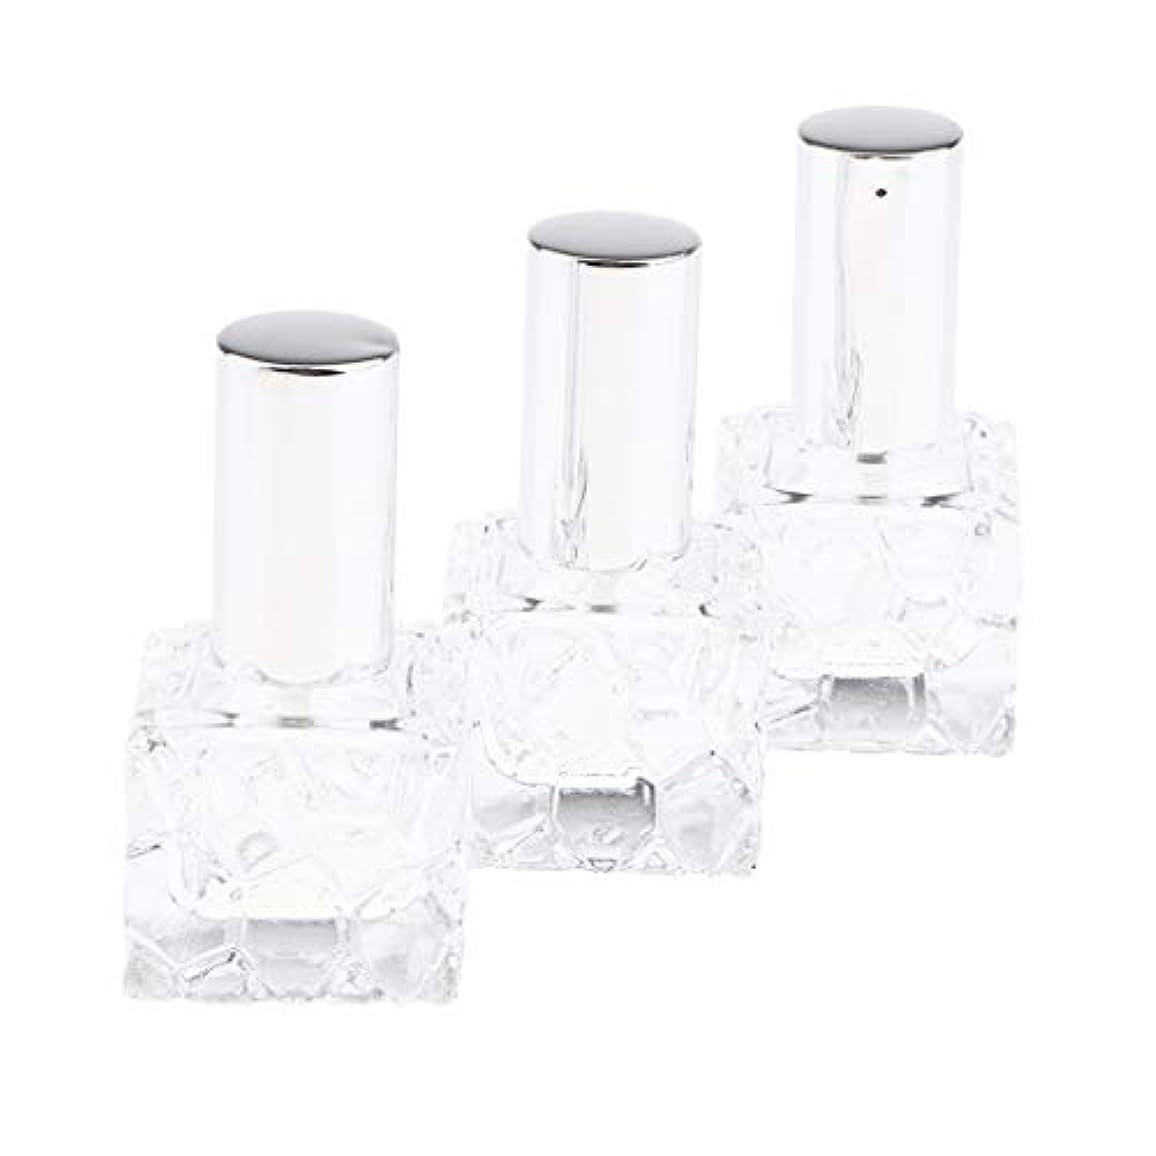 費用印象派民主党CUTICATE 香水瓶 スプレー ガラス スプレー容器 スプレーボトル 香水小分け アロマ保存容器 2種選択でき - 10ml 3個